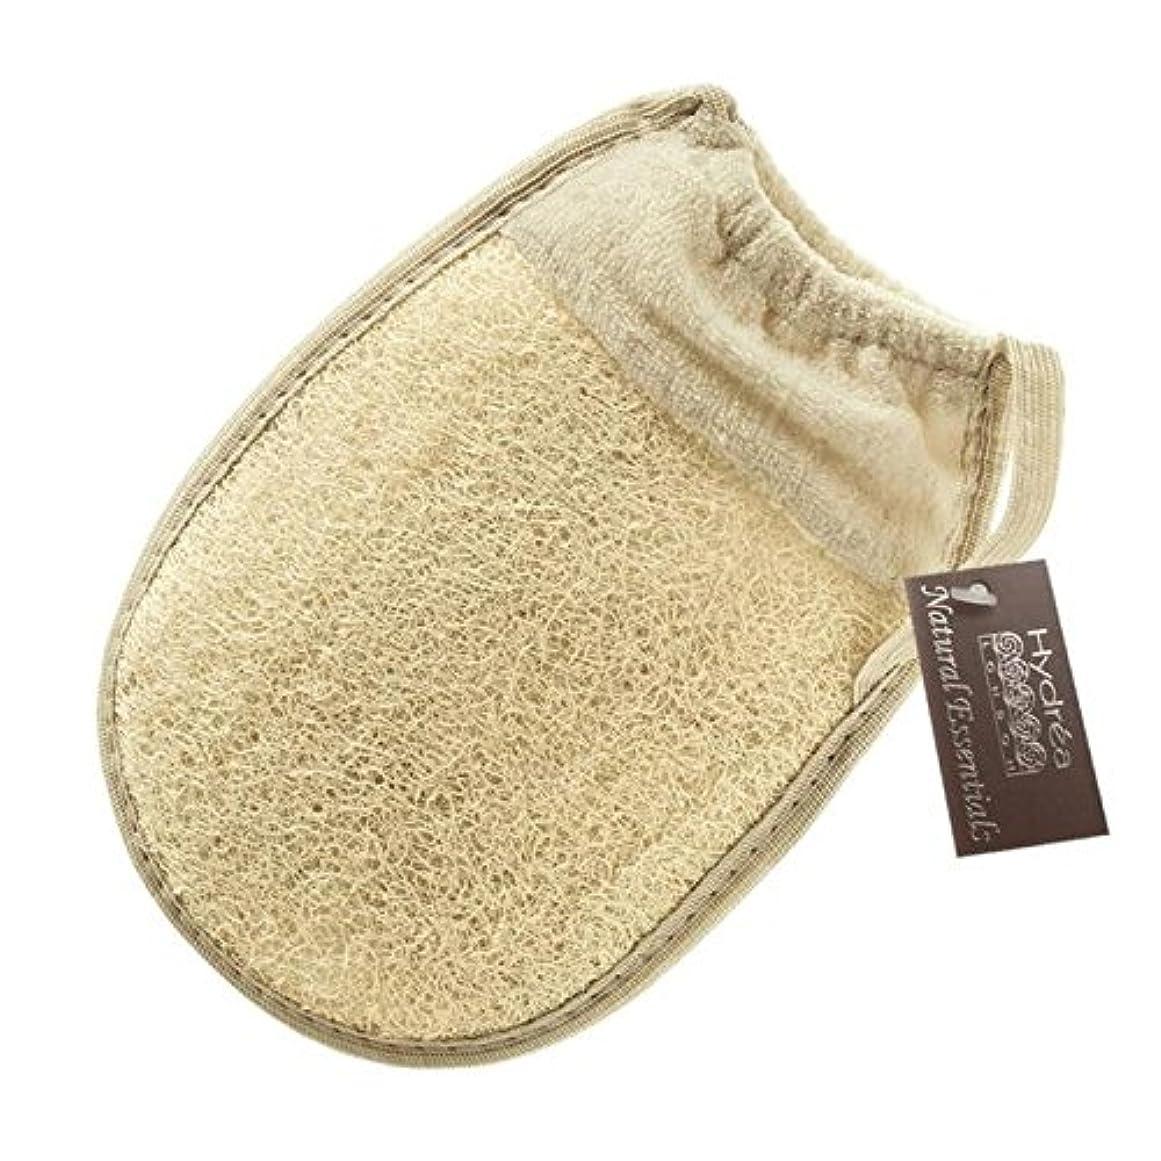 価値のない必要としている忙しいHydrea London Egyptian Loofah Glove with Elasticated Cuff - 伸縮性カフとハイドレアロンドンエジプトのヘチマグローブ [並行輸入品]